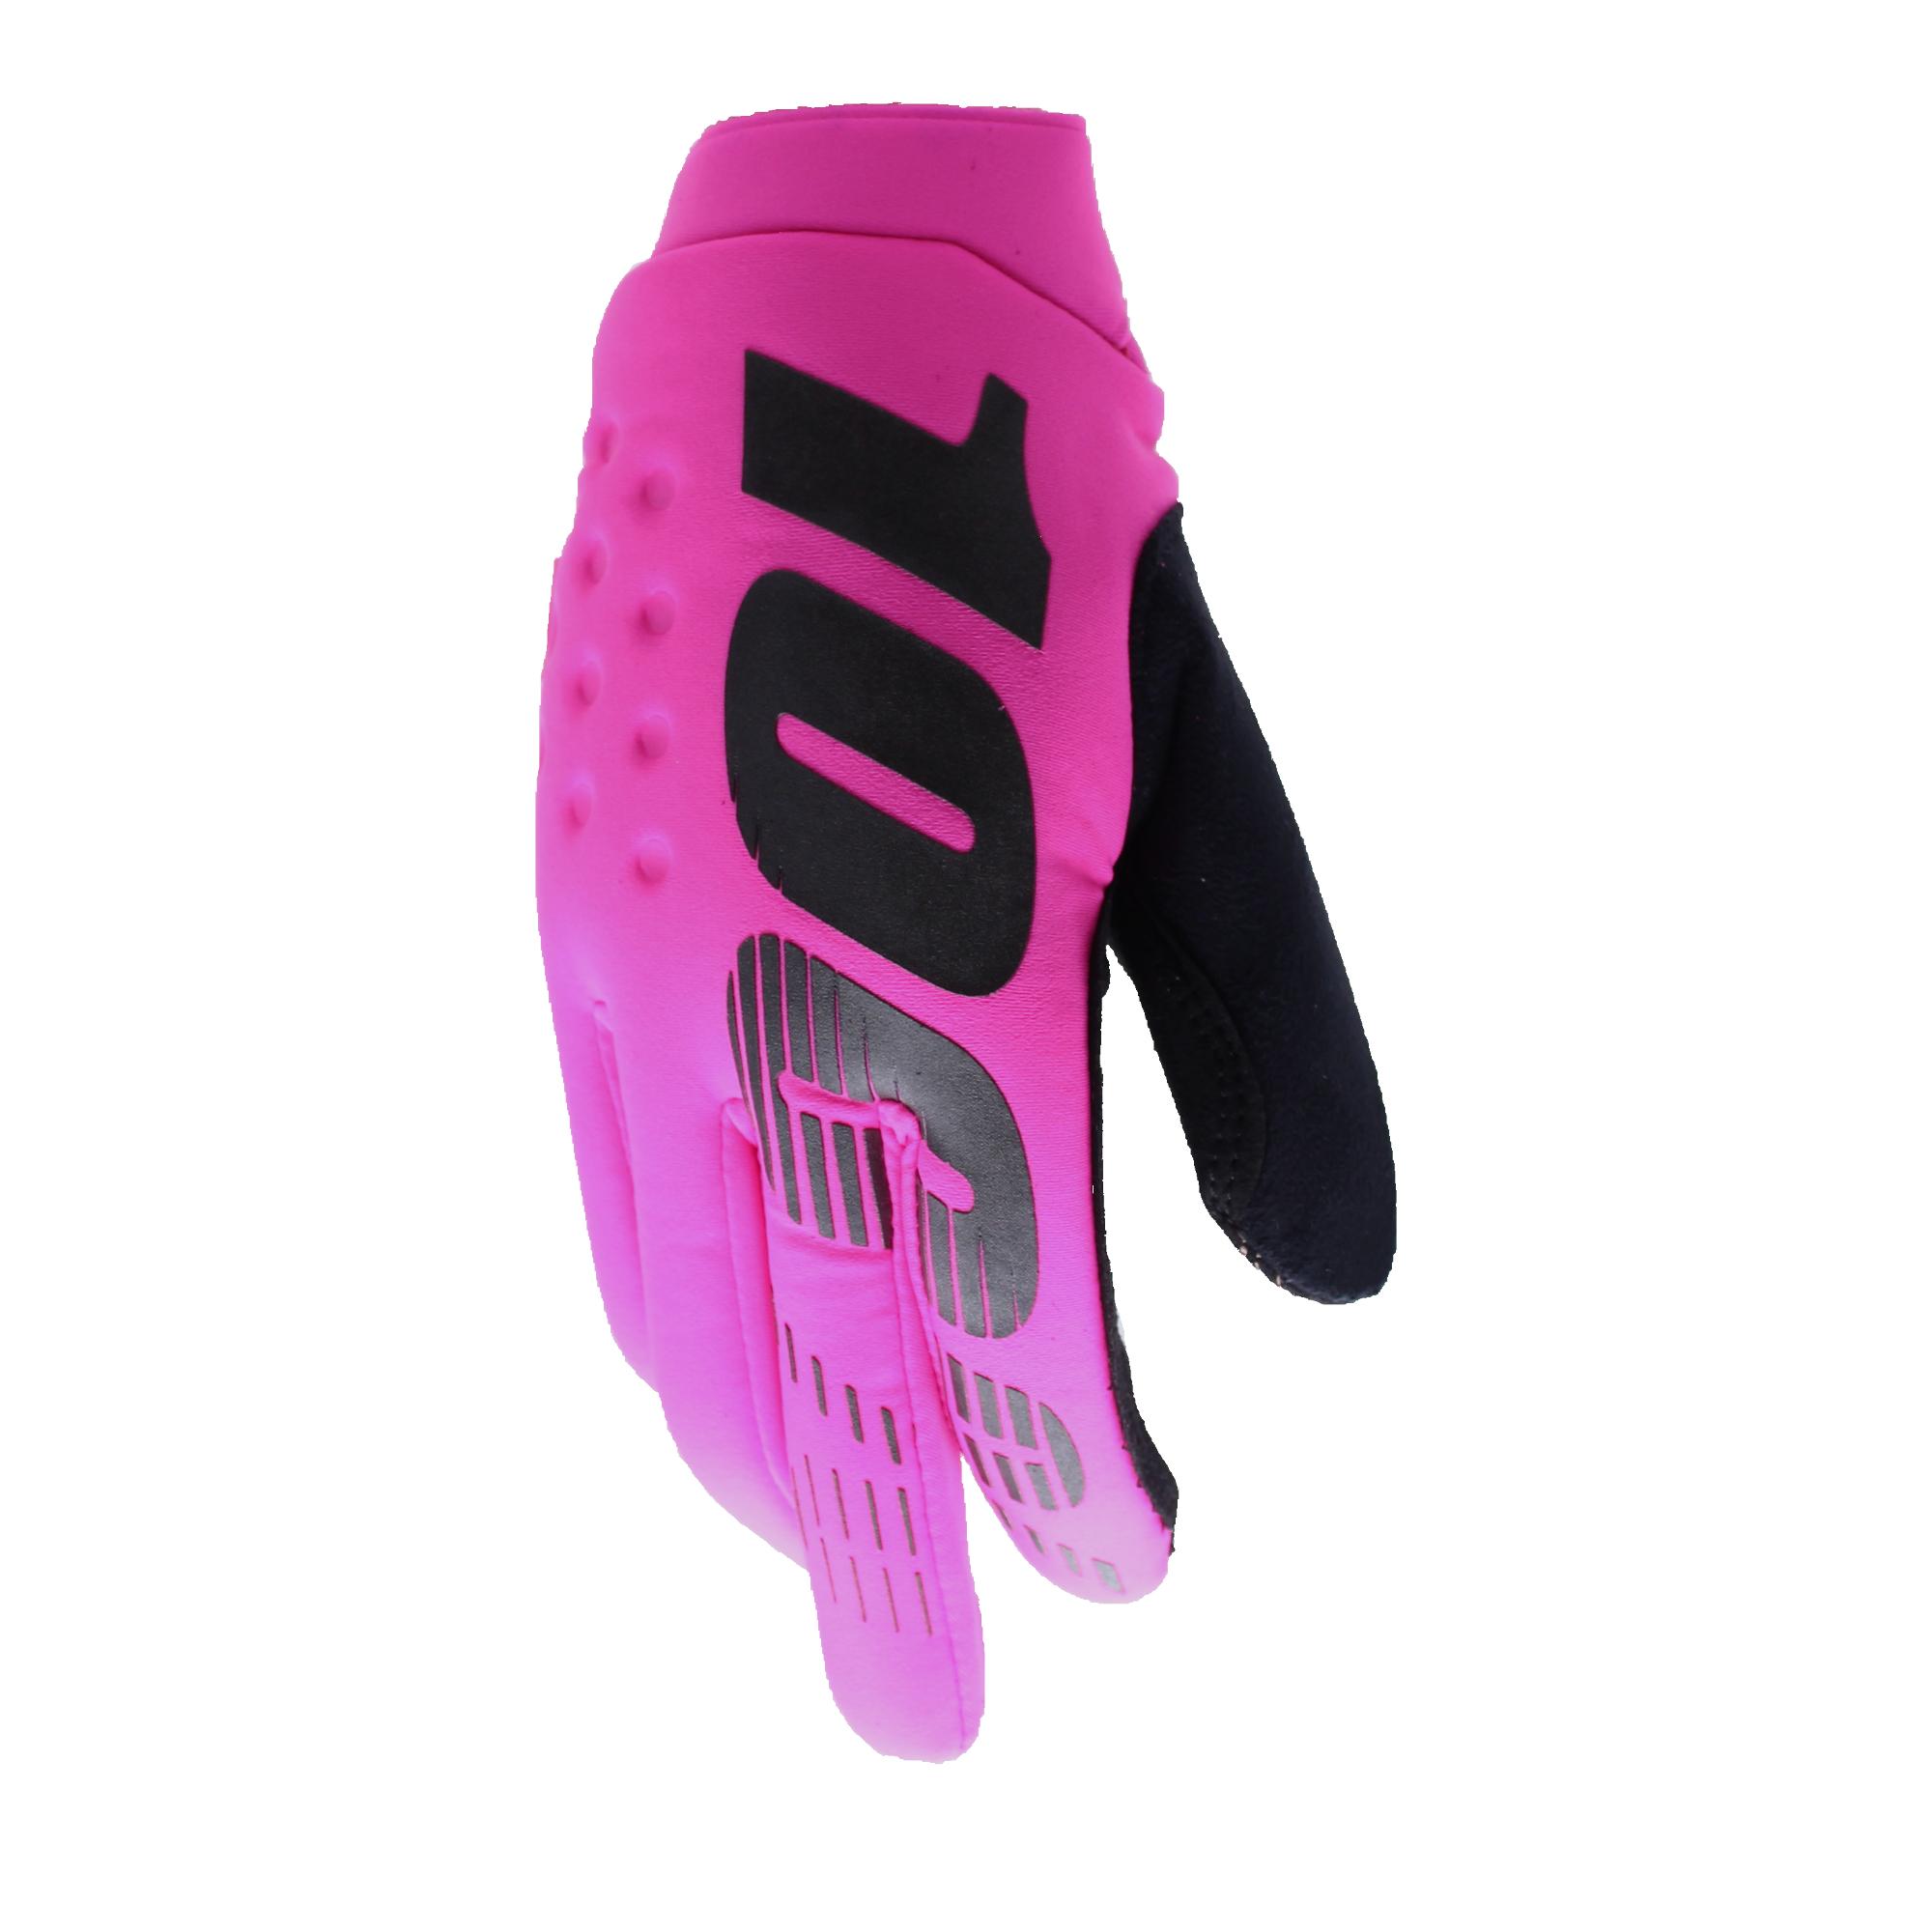 100 Percent Brisker Gloves Black/grey